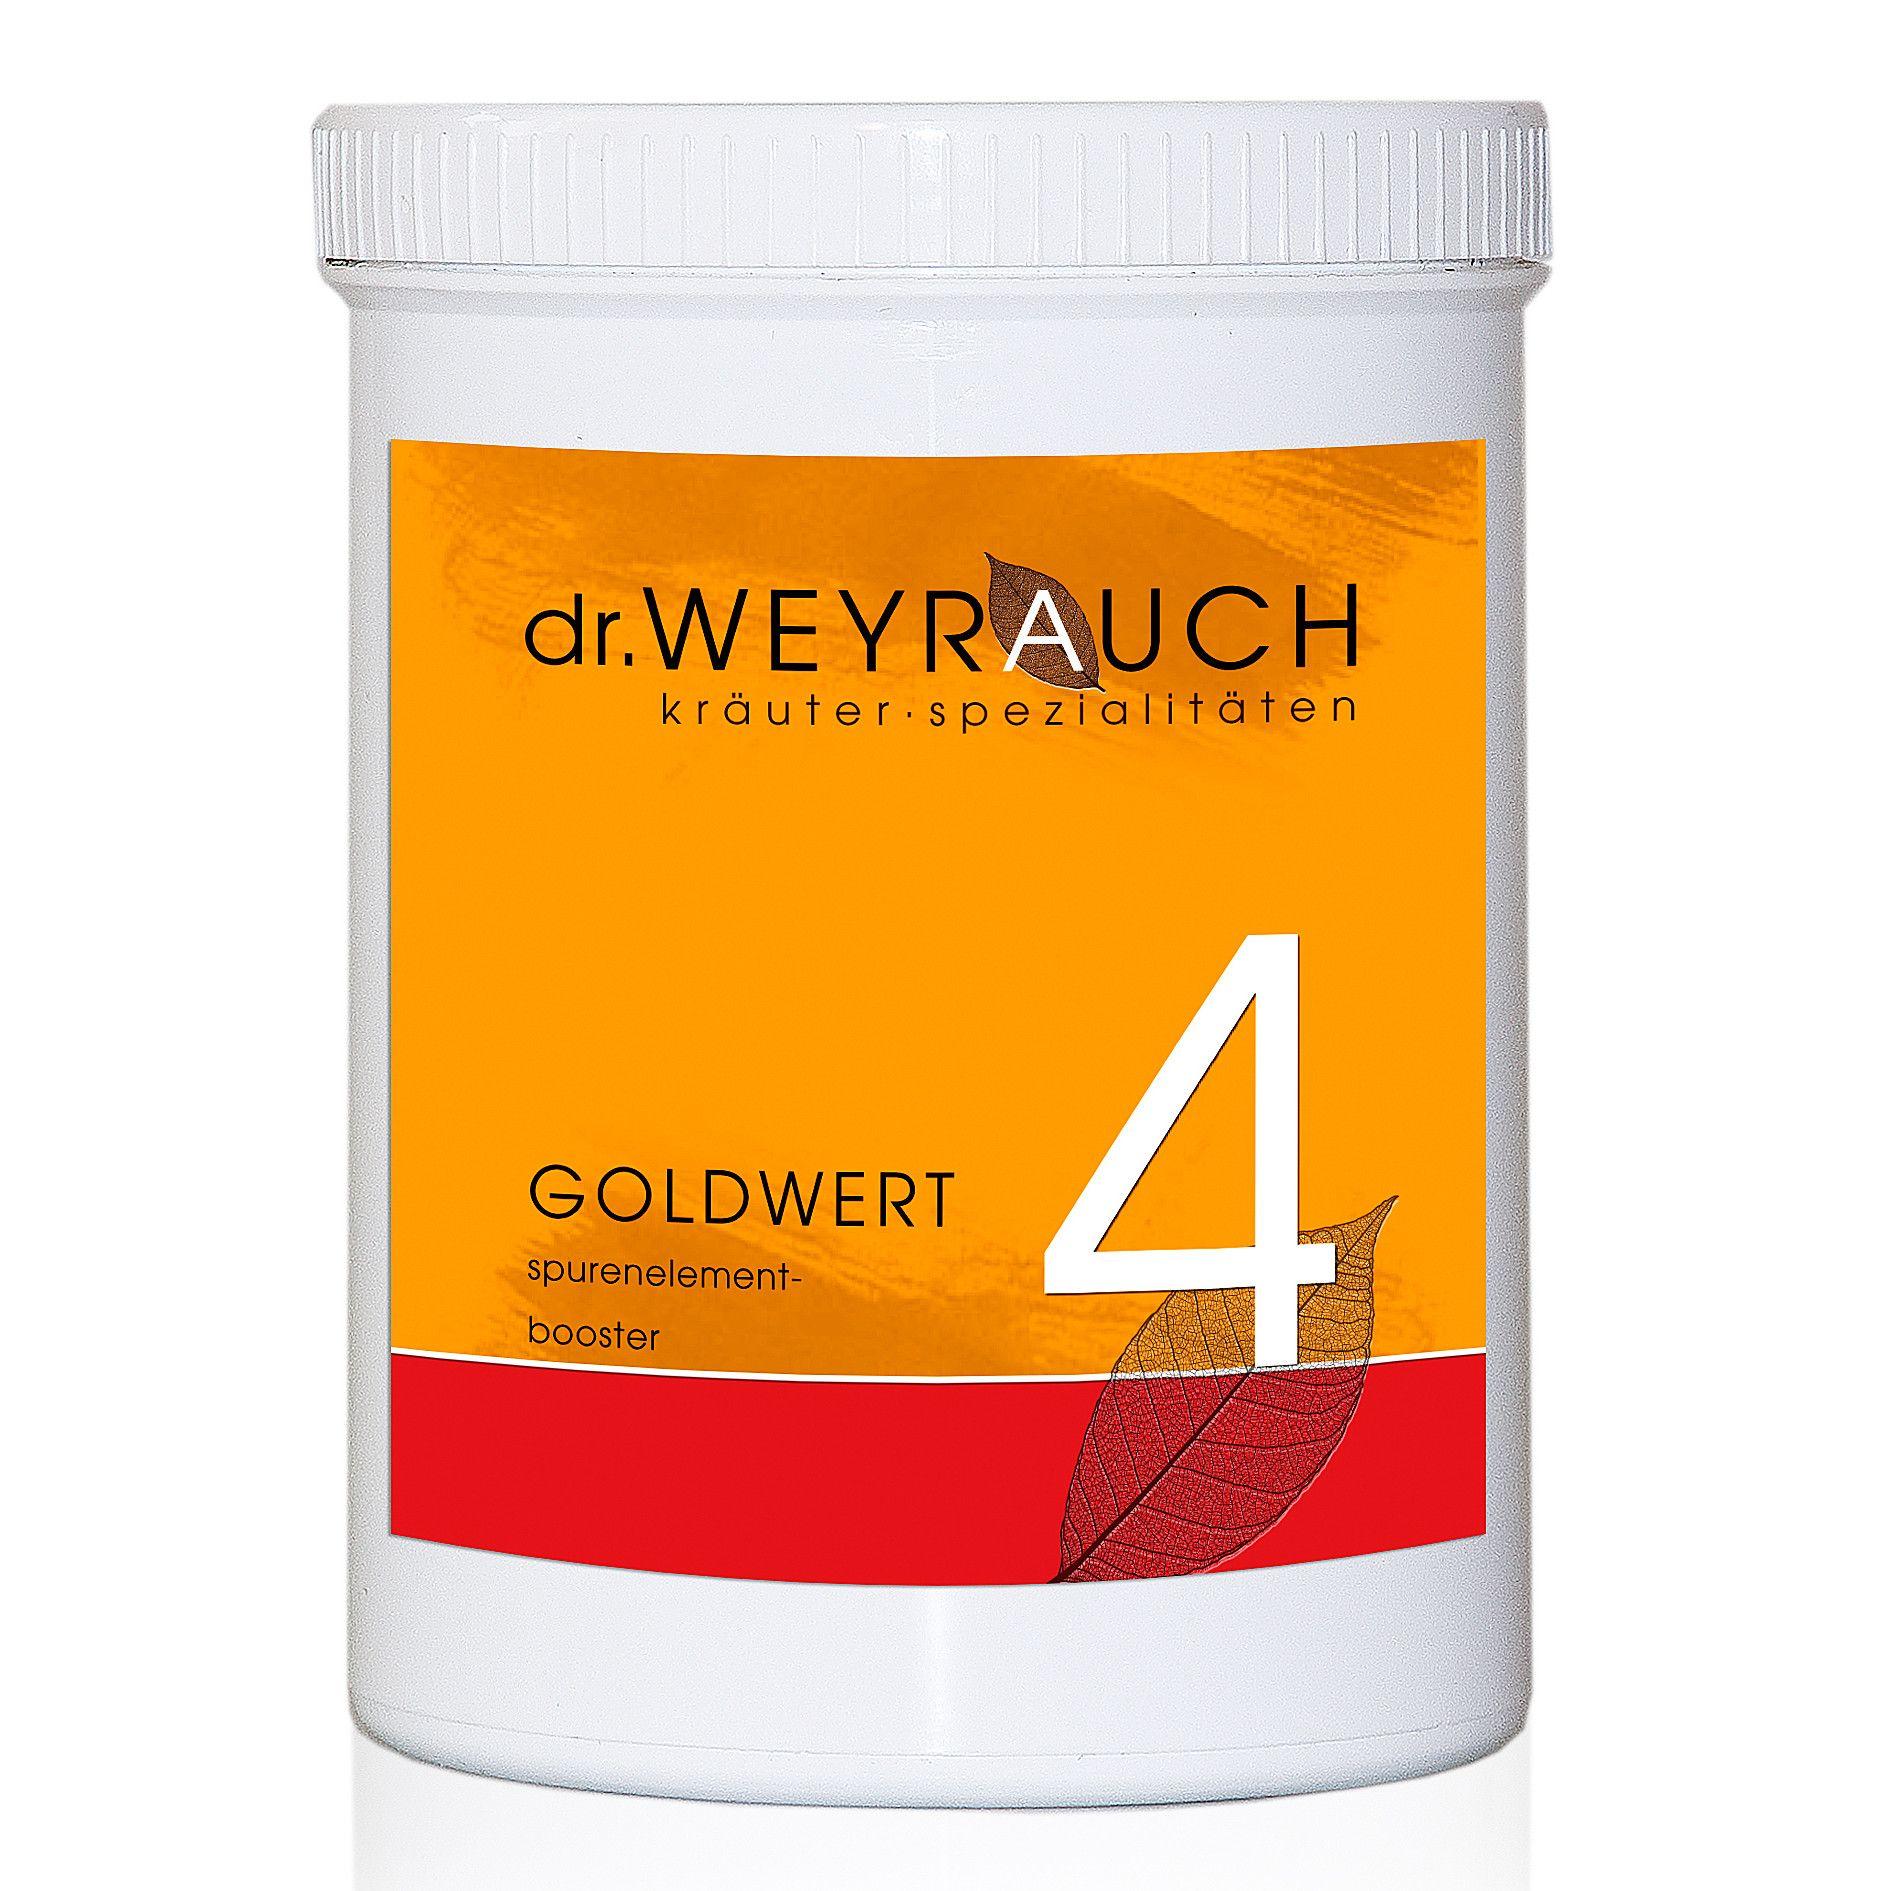 Dr. Weyrauch Nr. 4 Goldwert